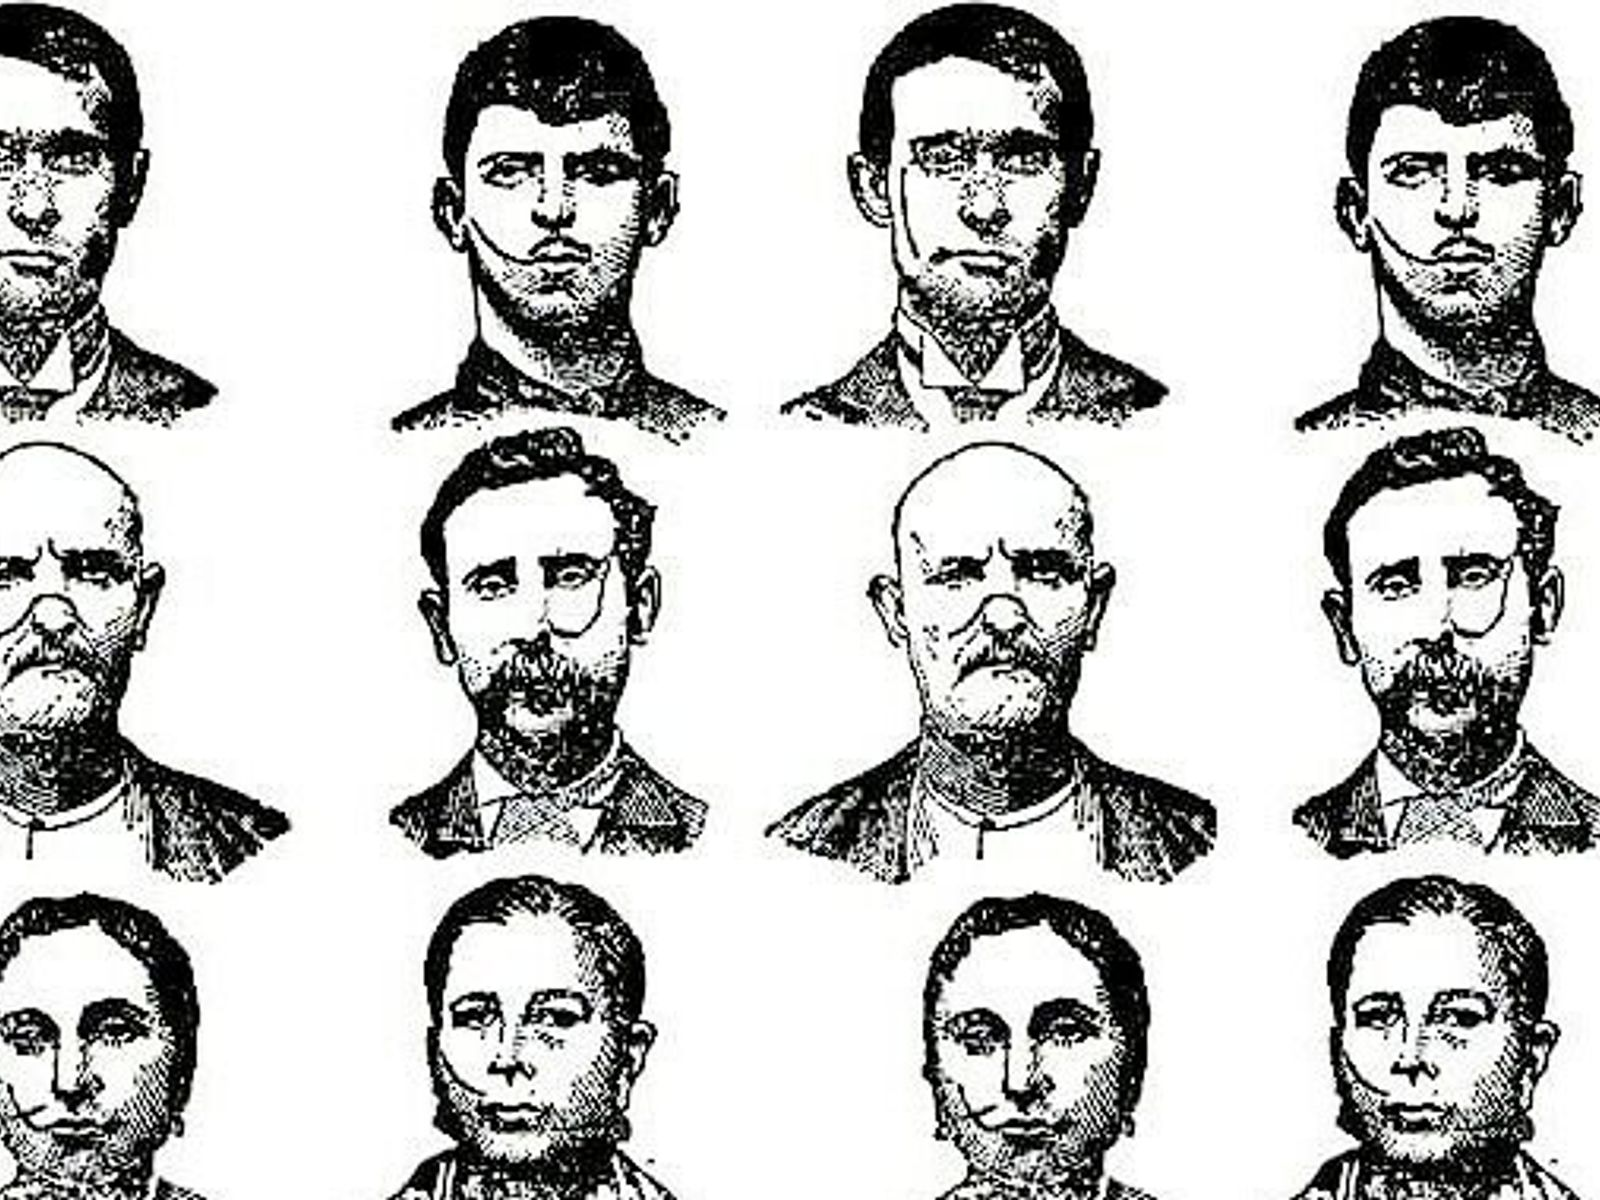 Ceux qui trahissaient les clans napolitains étaient punis par des balafres les désignant publiquement comme parjures. Figures ...